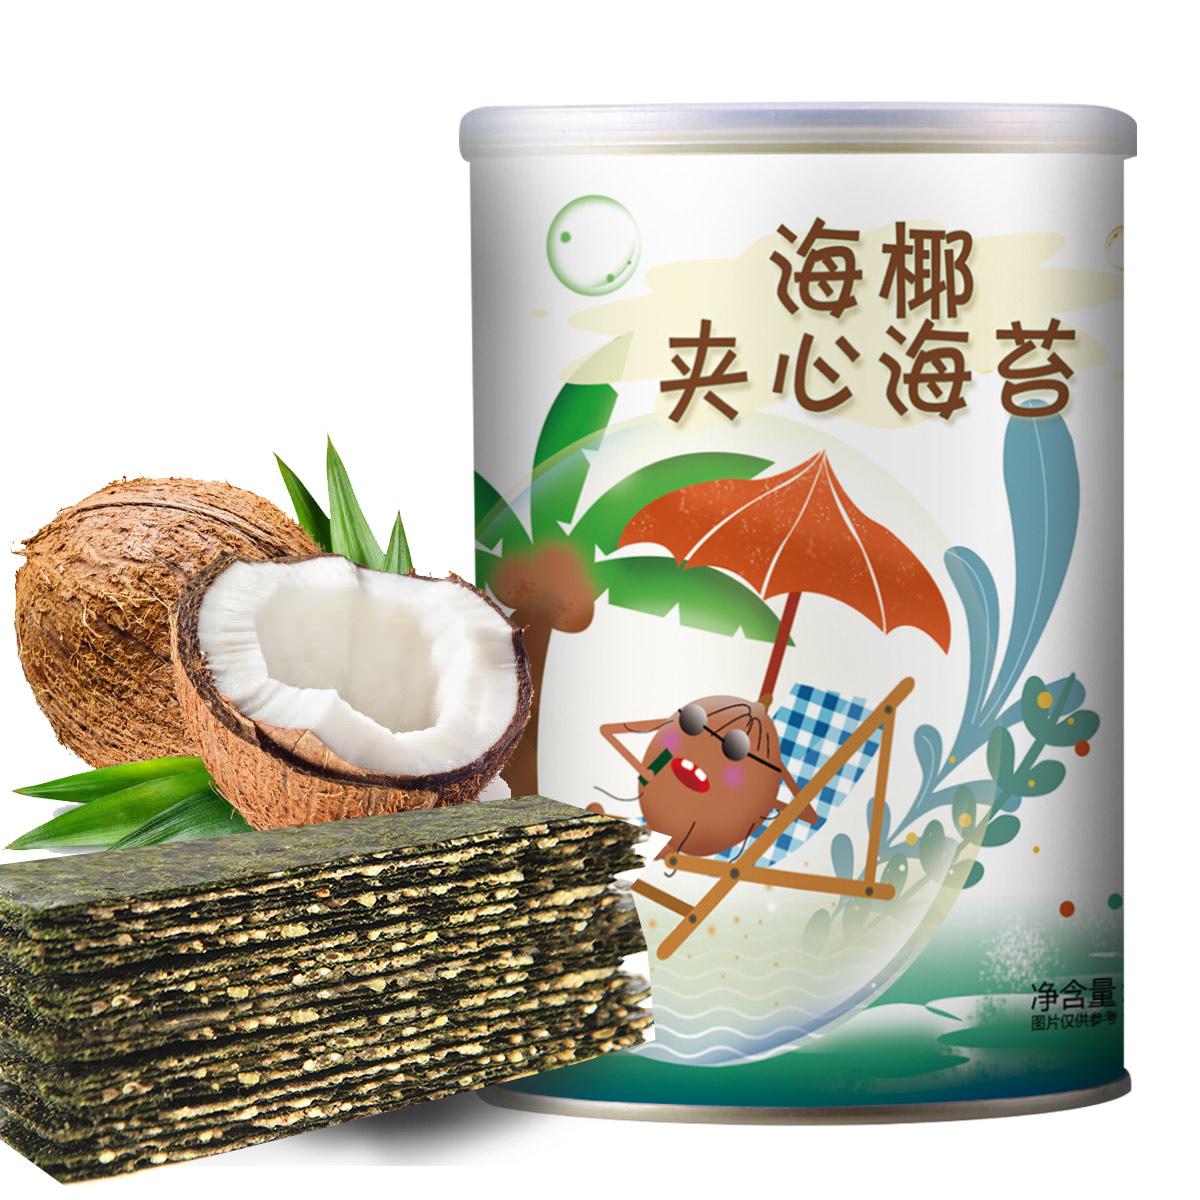 苏兰亭椰子味夹心海苔芝麻夹心海苔夹心脆儿童海苔寿司海苔52gCOLOR其它颜色